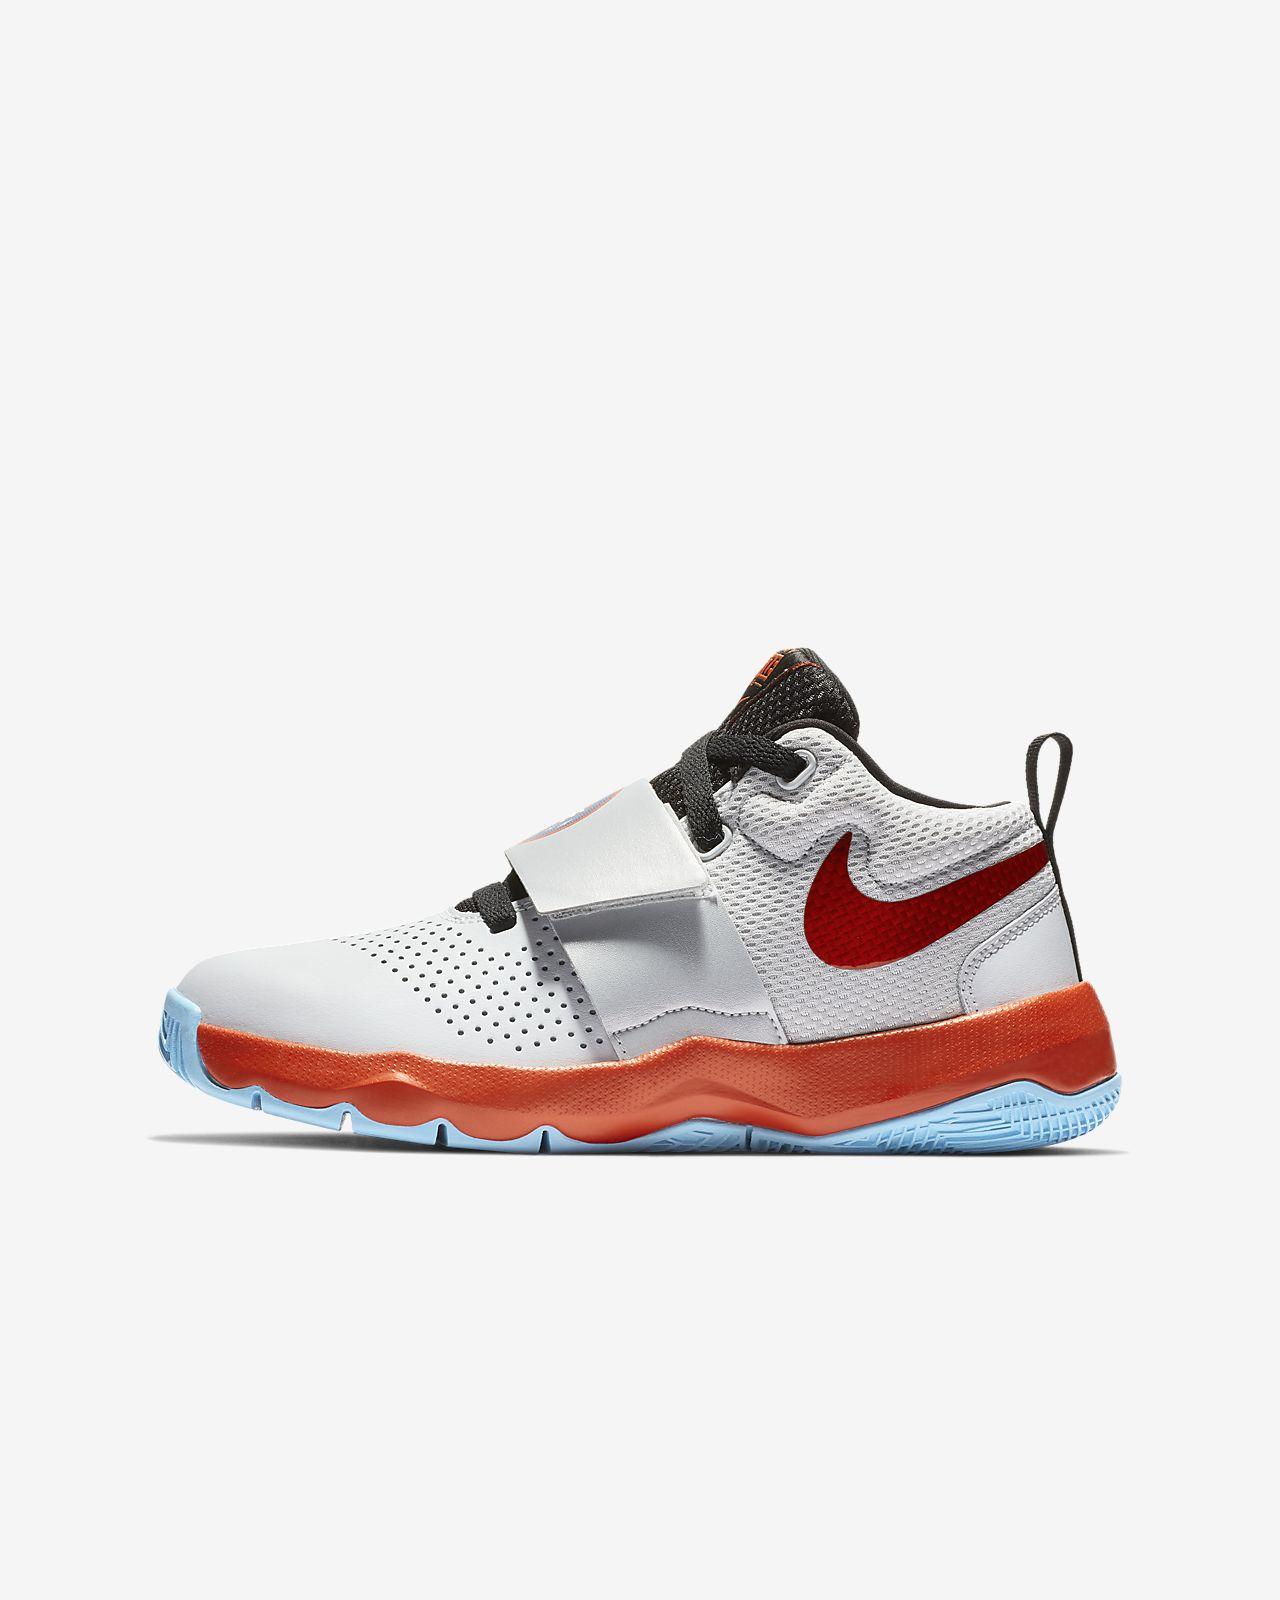 san francisco 8284e c1c0e ... Chaussure de basketball Nike Team Hustle D 8 SD pour Enfant plus âgé